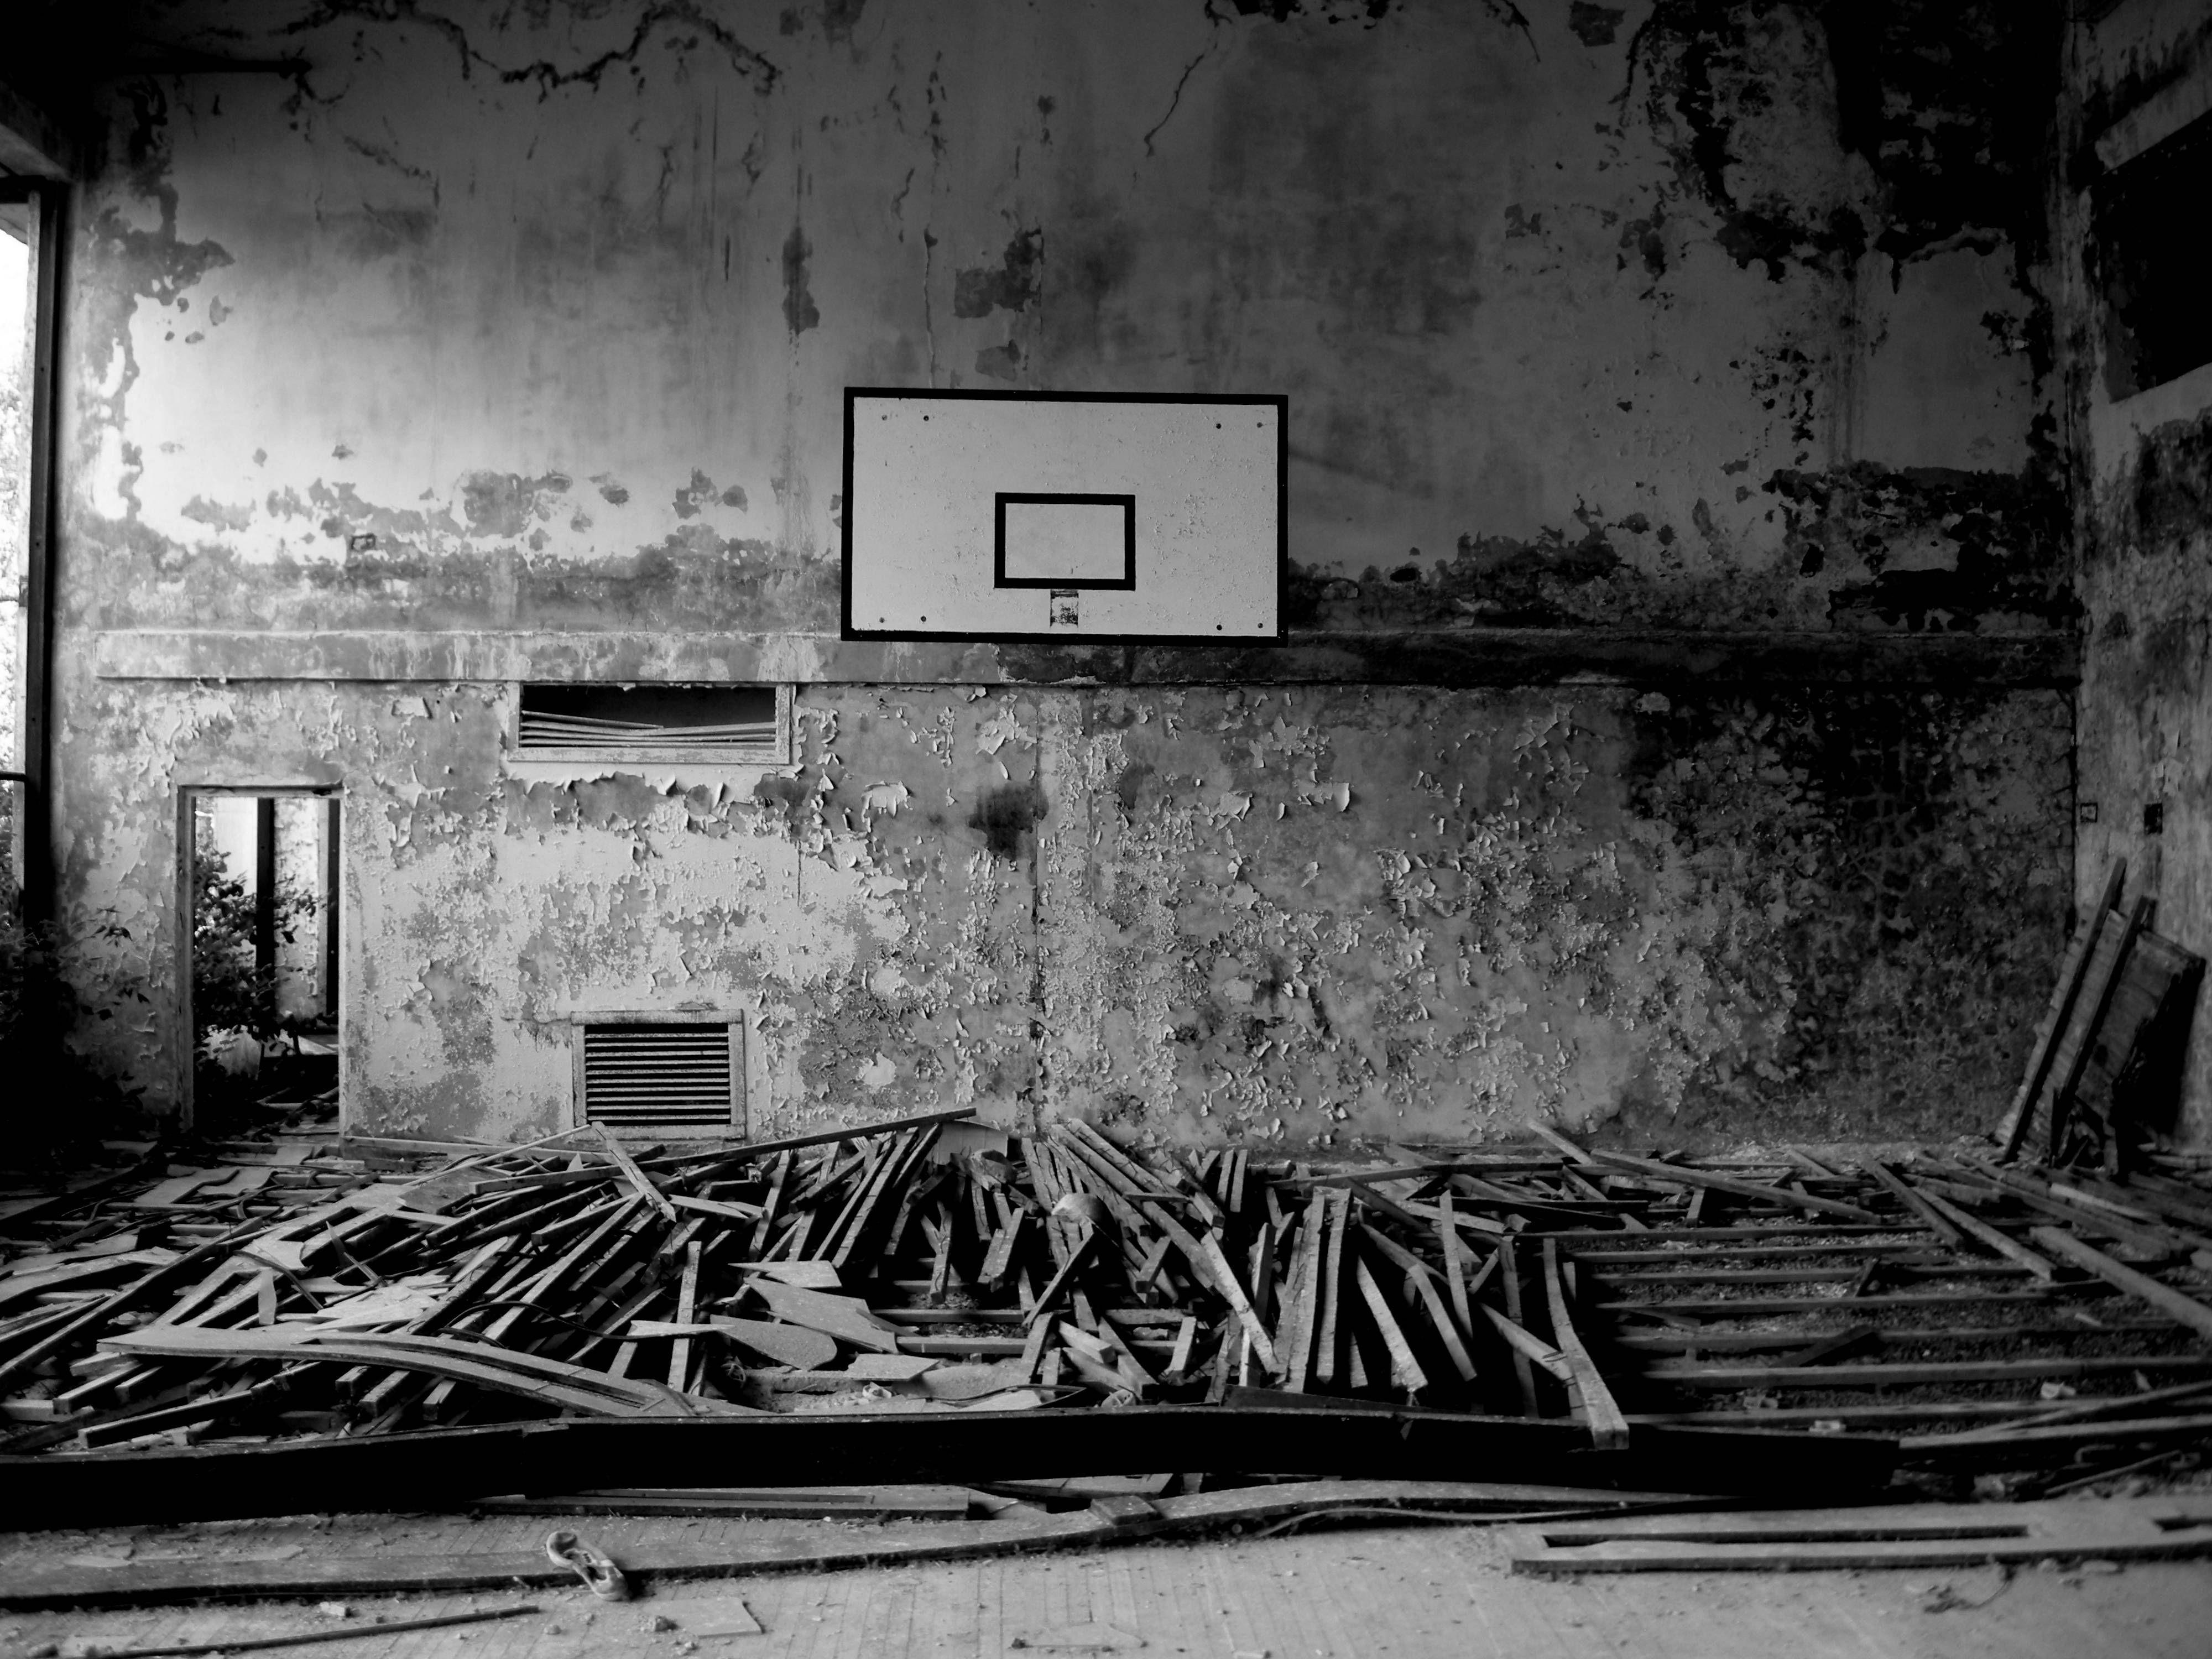 Basketball Court Iphone Wallpaper Download Popular Basketball Court Iphone Wallpaperfor Iphone Wallpapers Inhigh Quality Basketball Hintergrund Wolle Kaufen